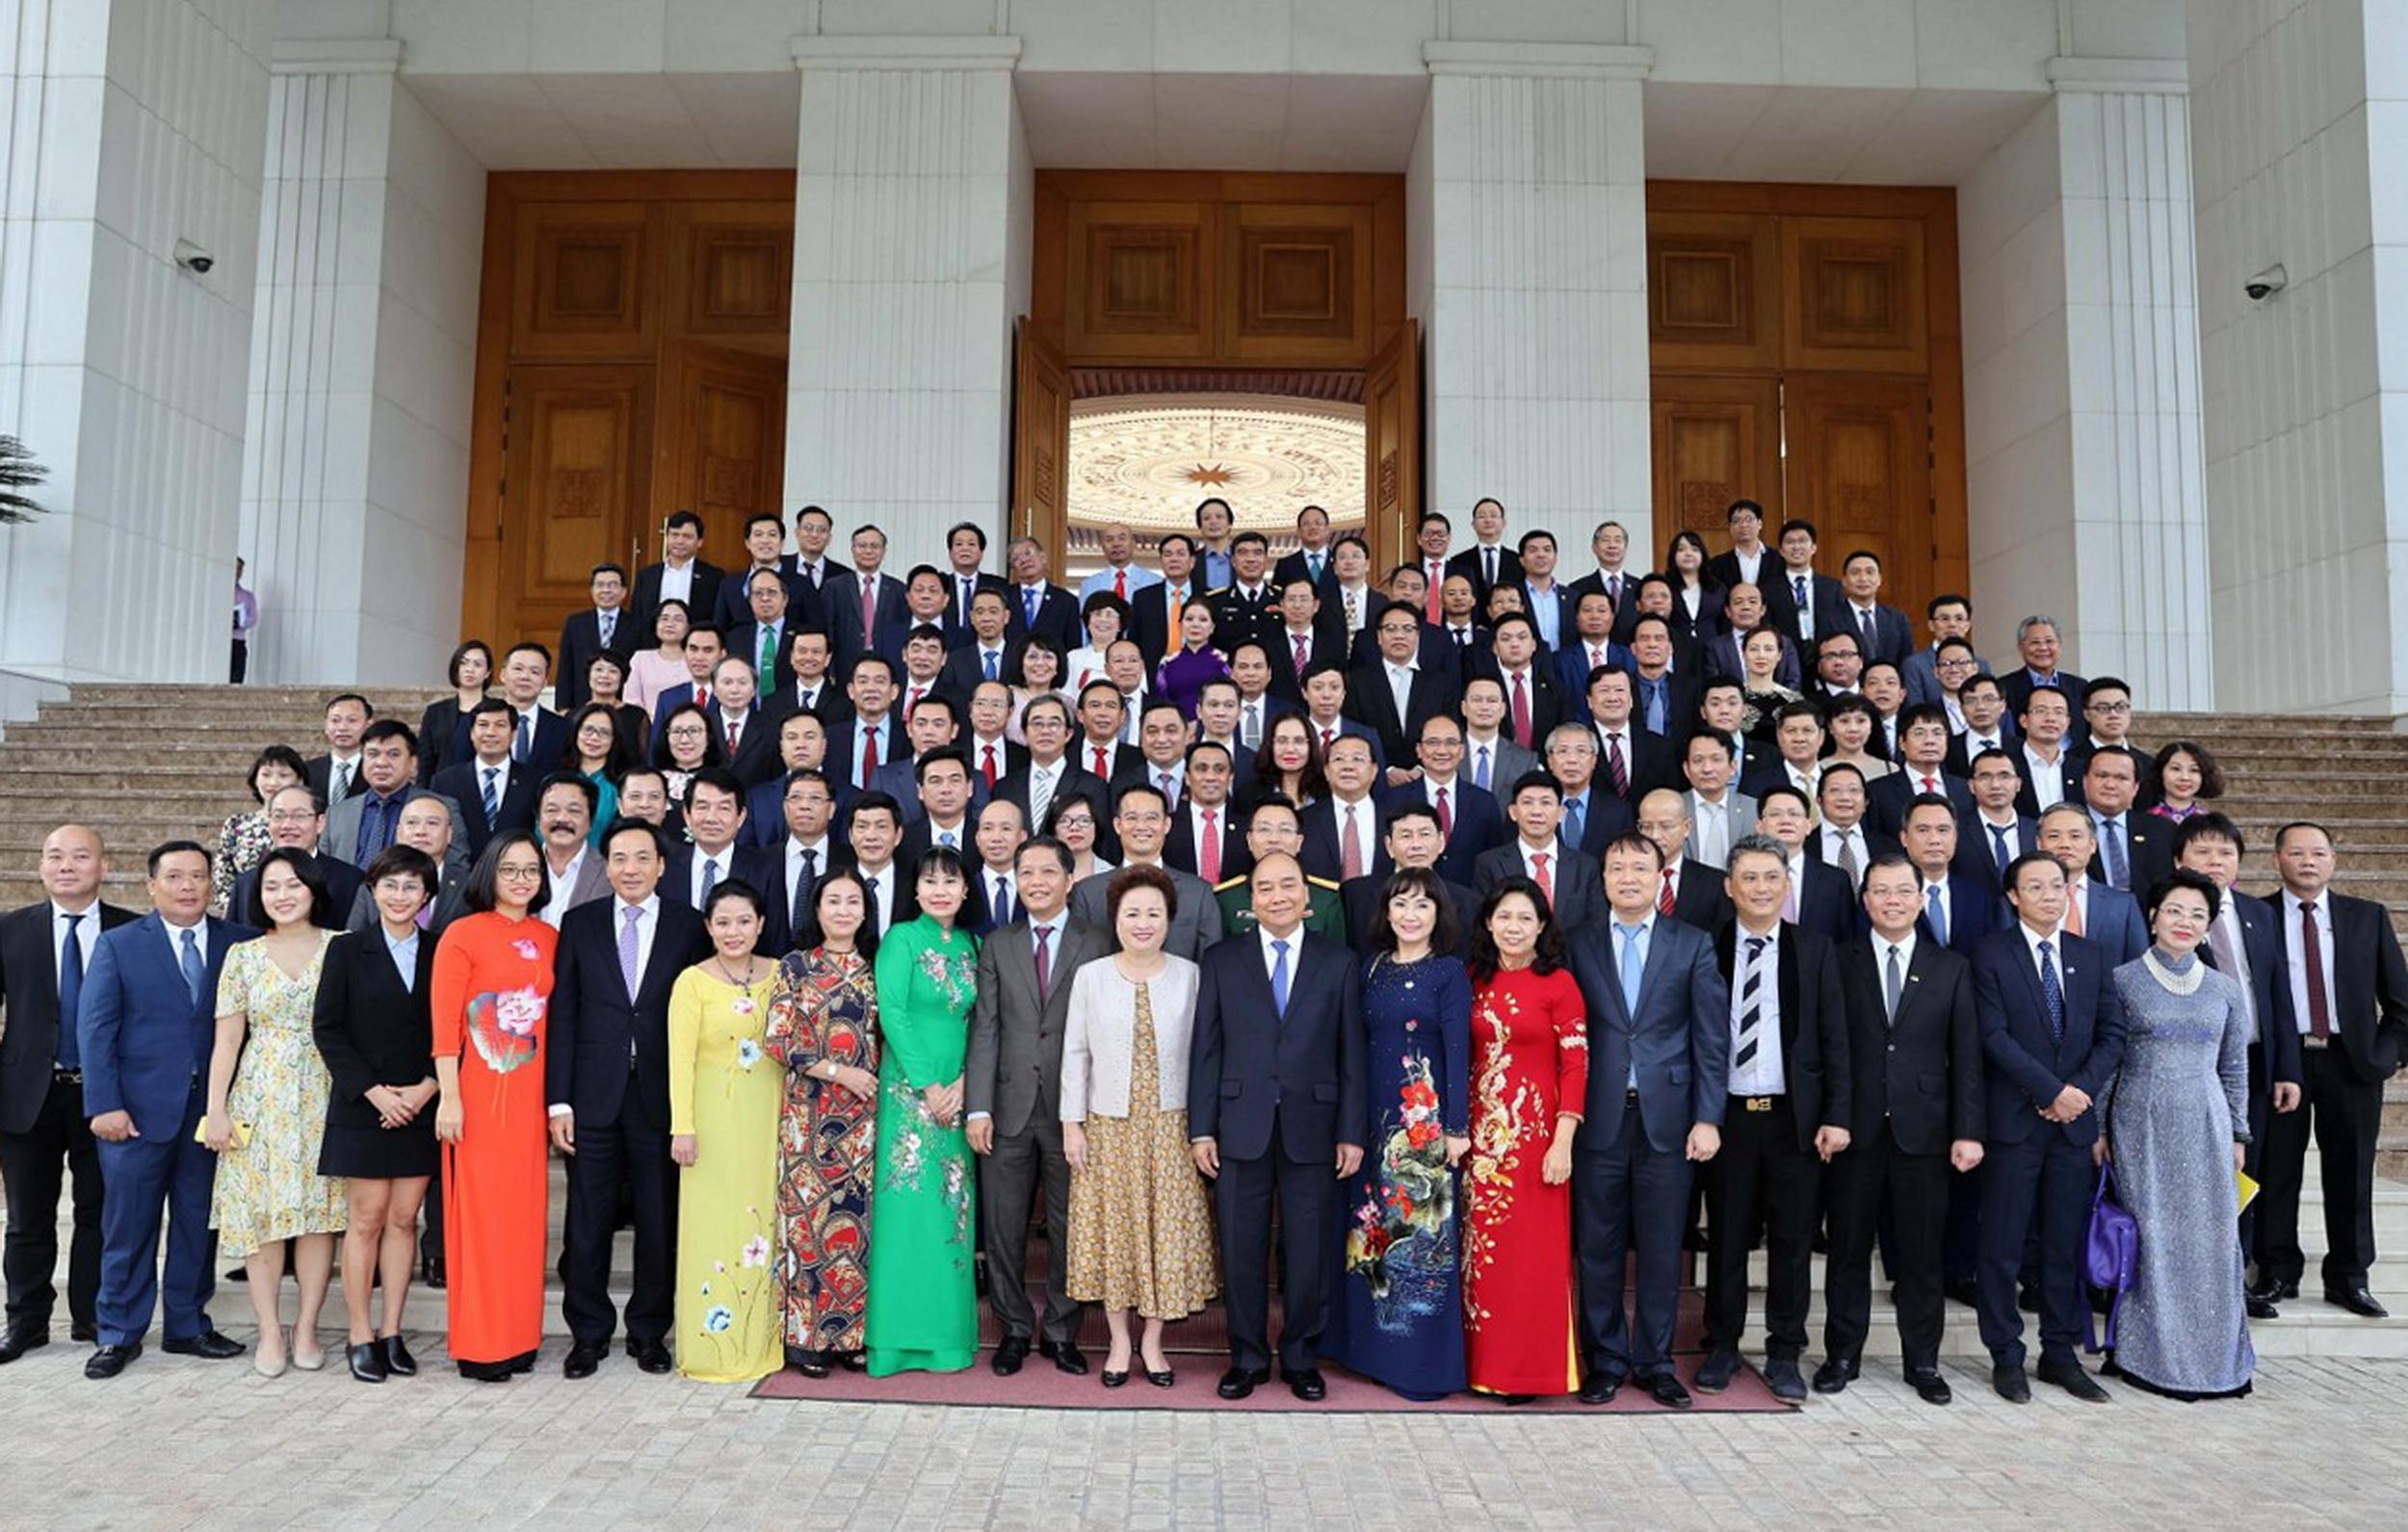 Thủ tướng Chính phủ gặp gỡ và chúc mừng các doanh nghiệp được vinh danh Thương hiệu Quốc gia 2020